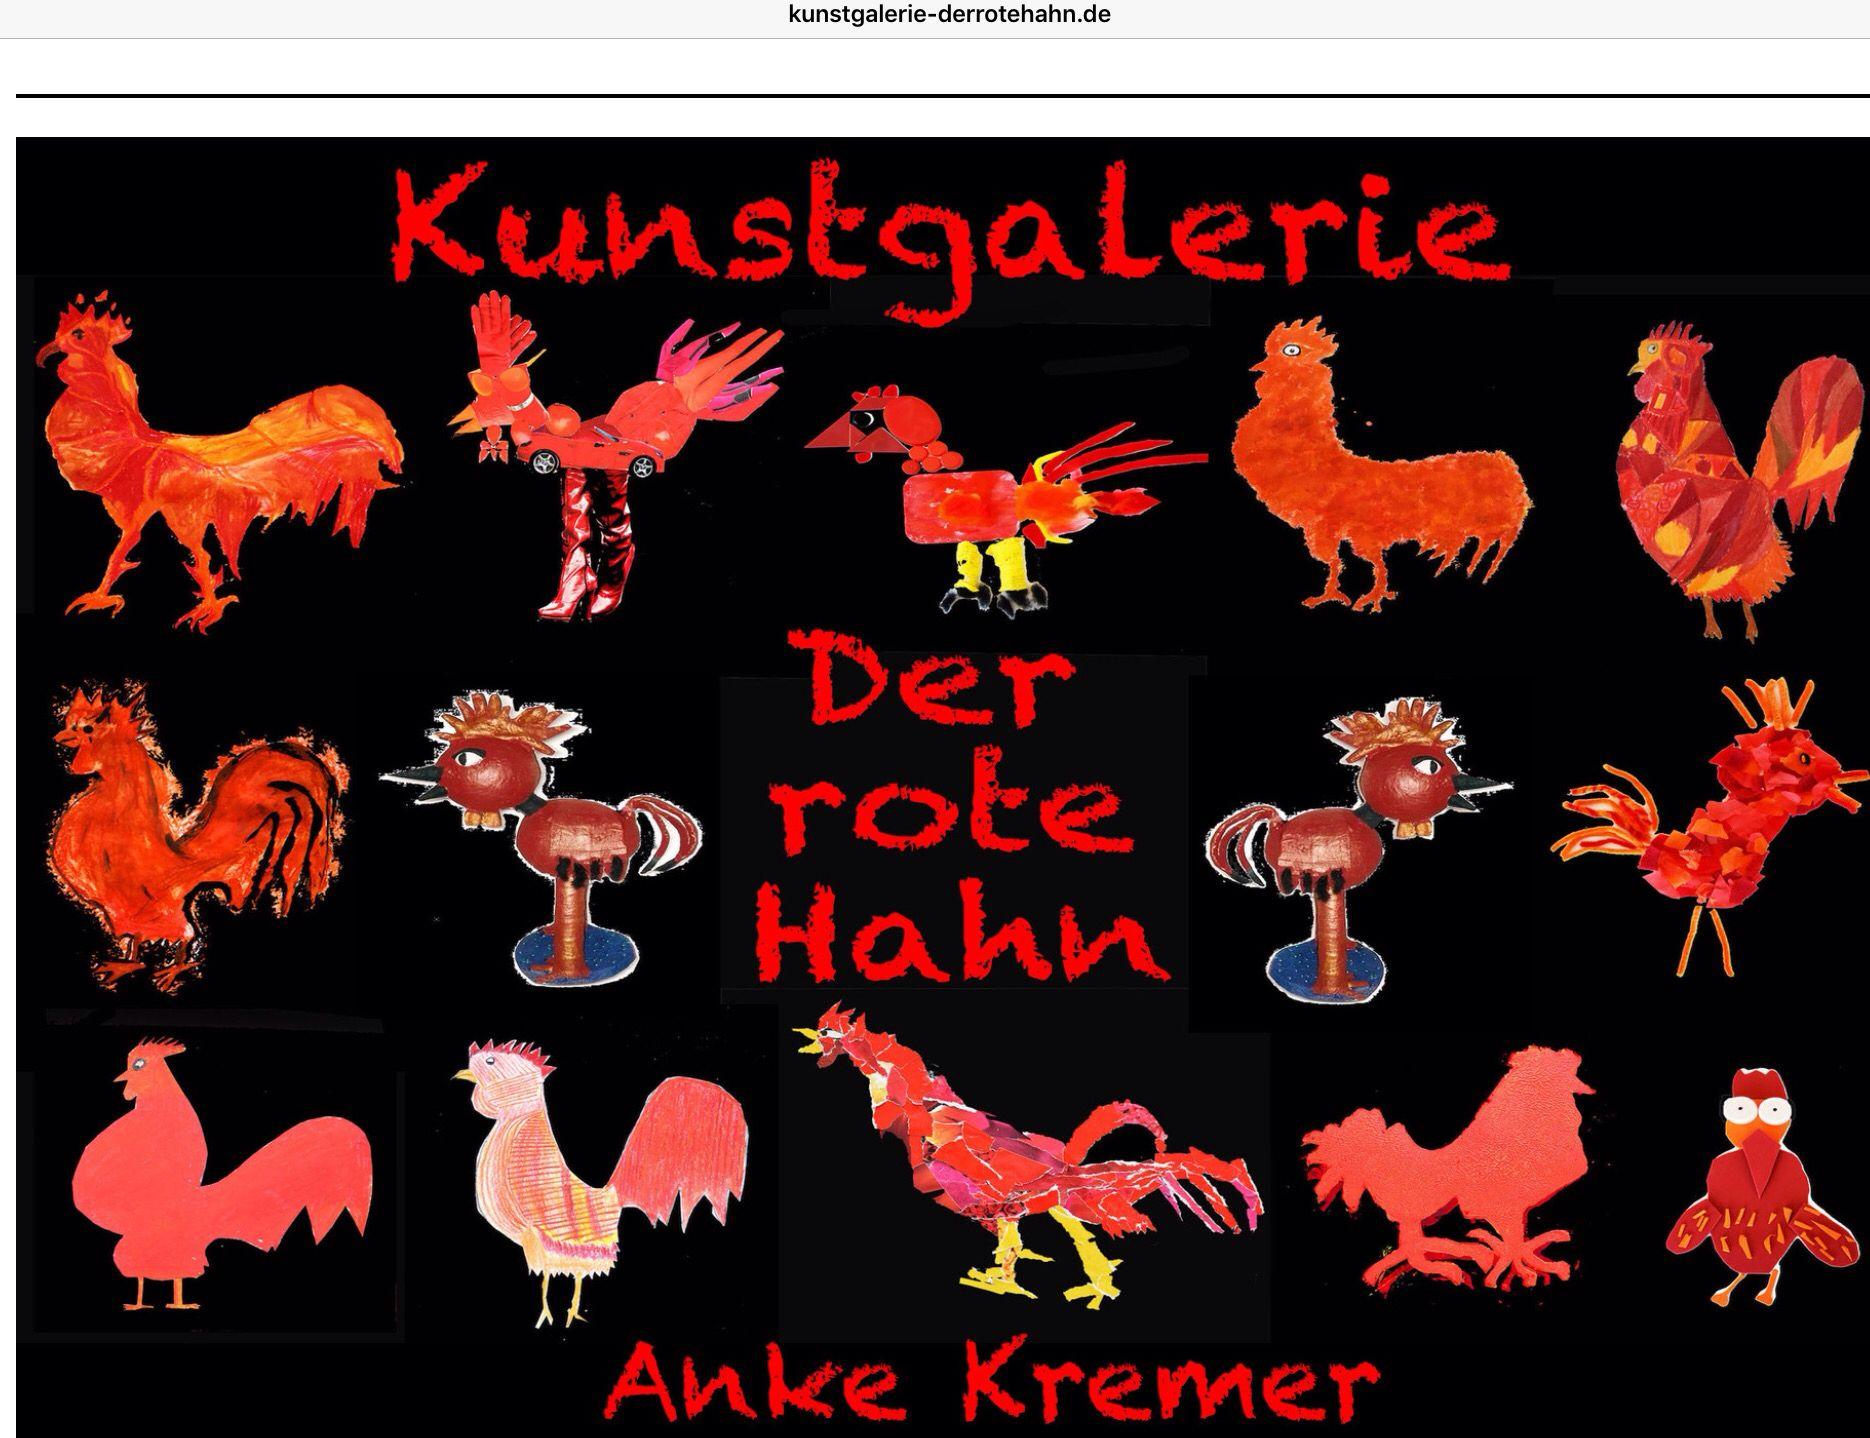 Roter Hahn Kunst der rote hahn kunstgalerie startseite stechlin grundschule